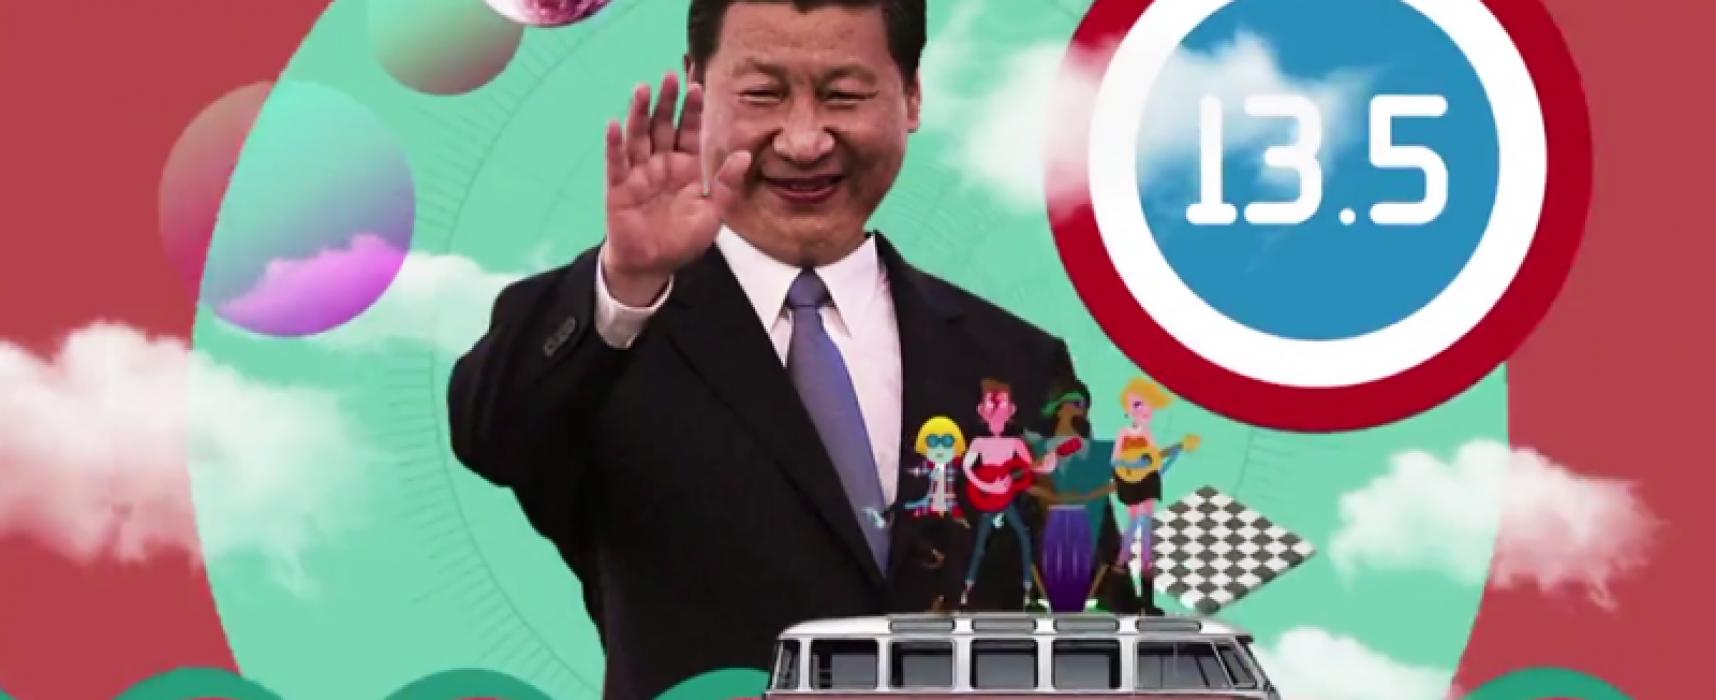 A look inside China's propaganda bureaucracy